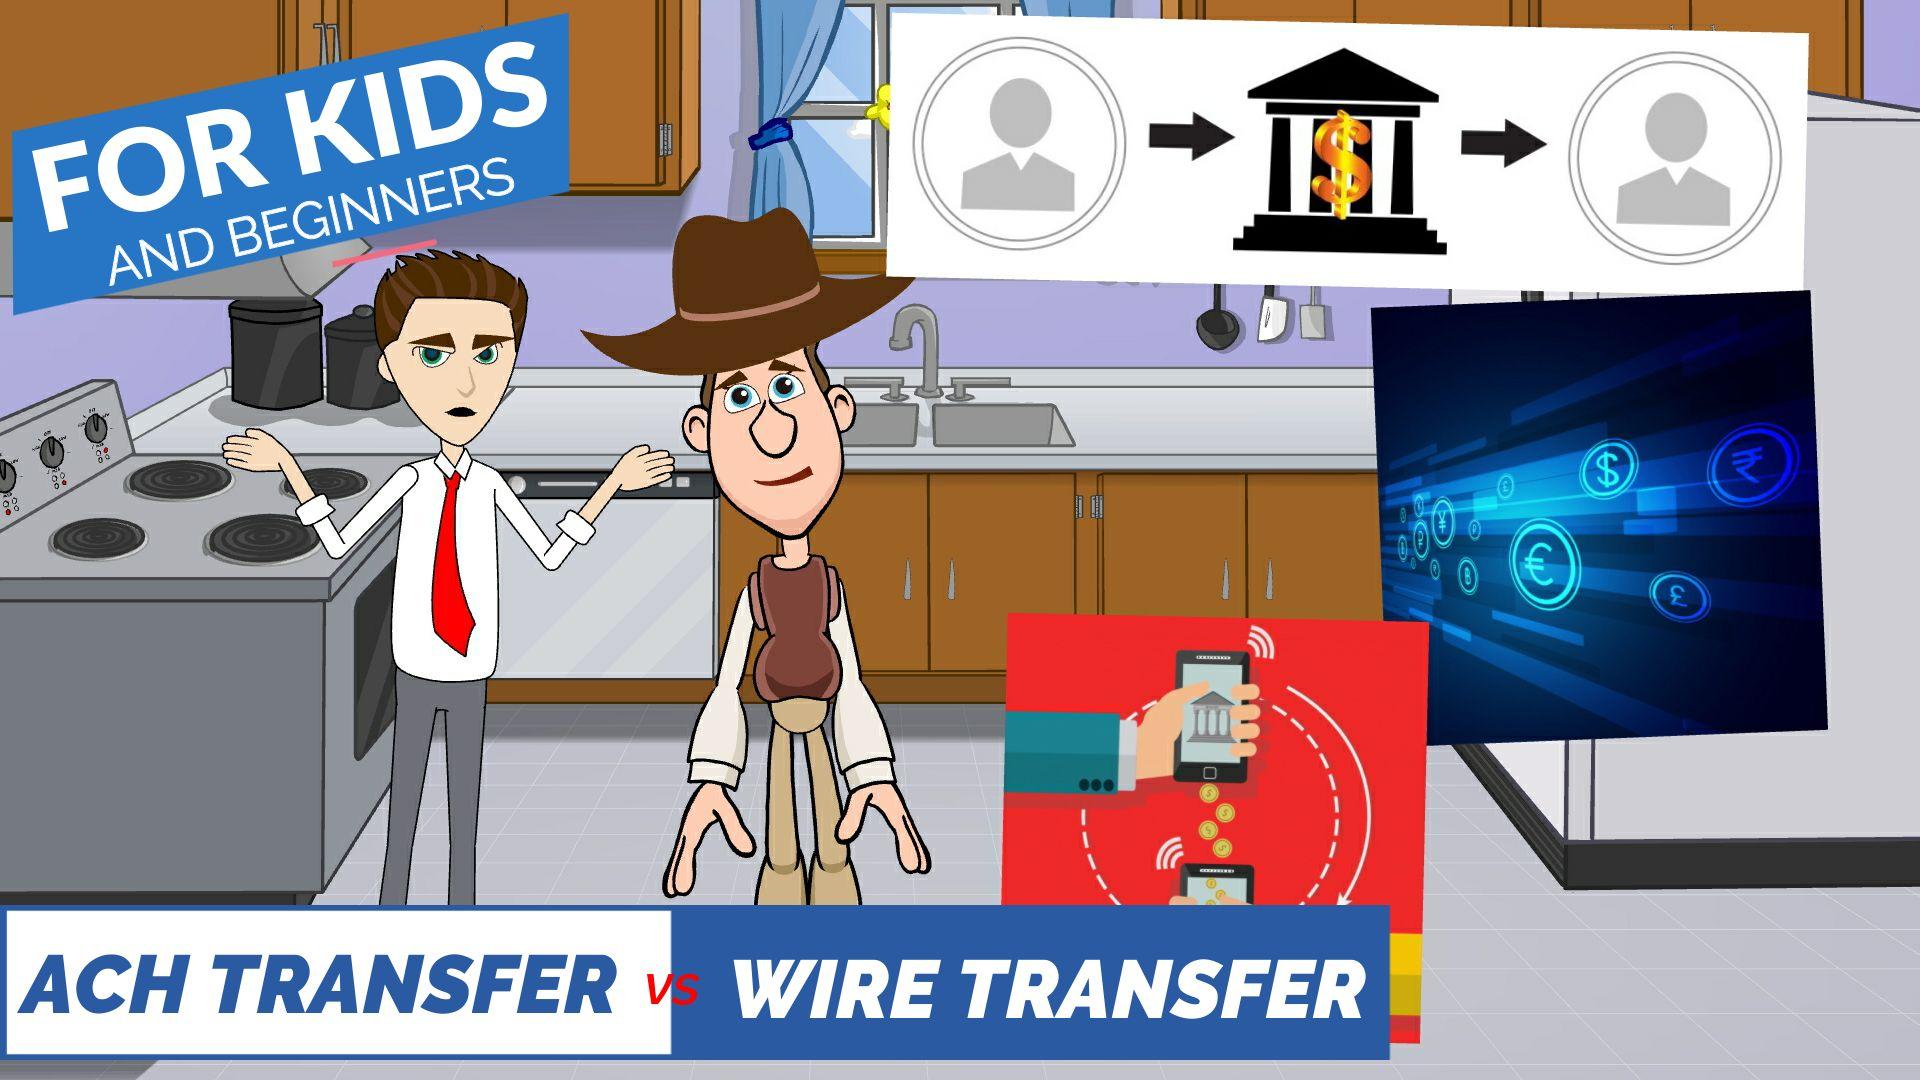 ACH Transfer vs Wire Transfer